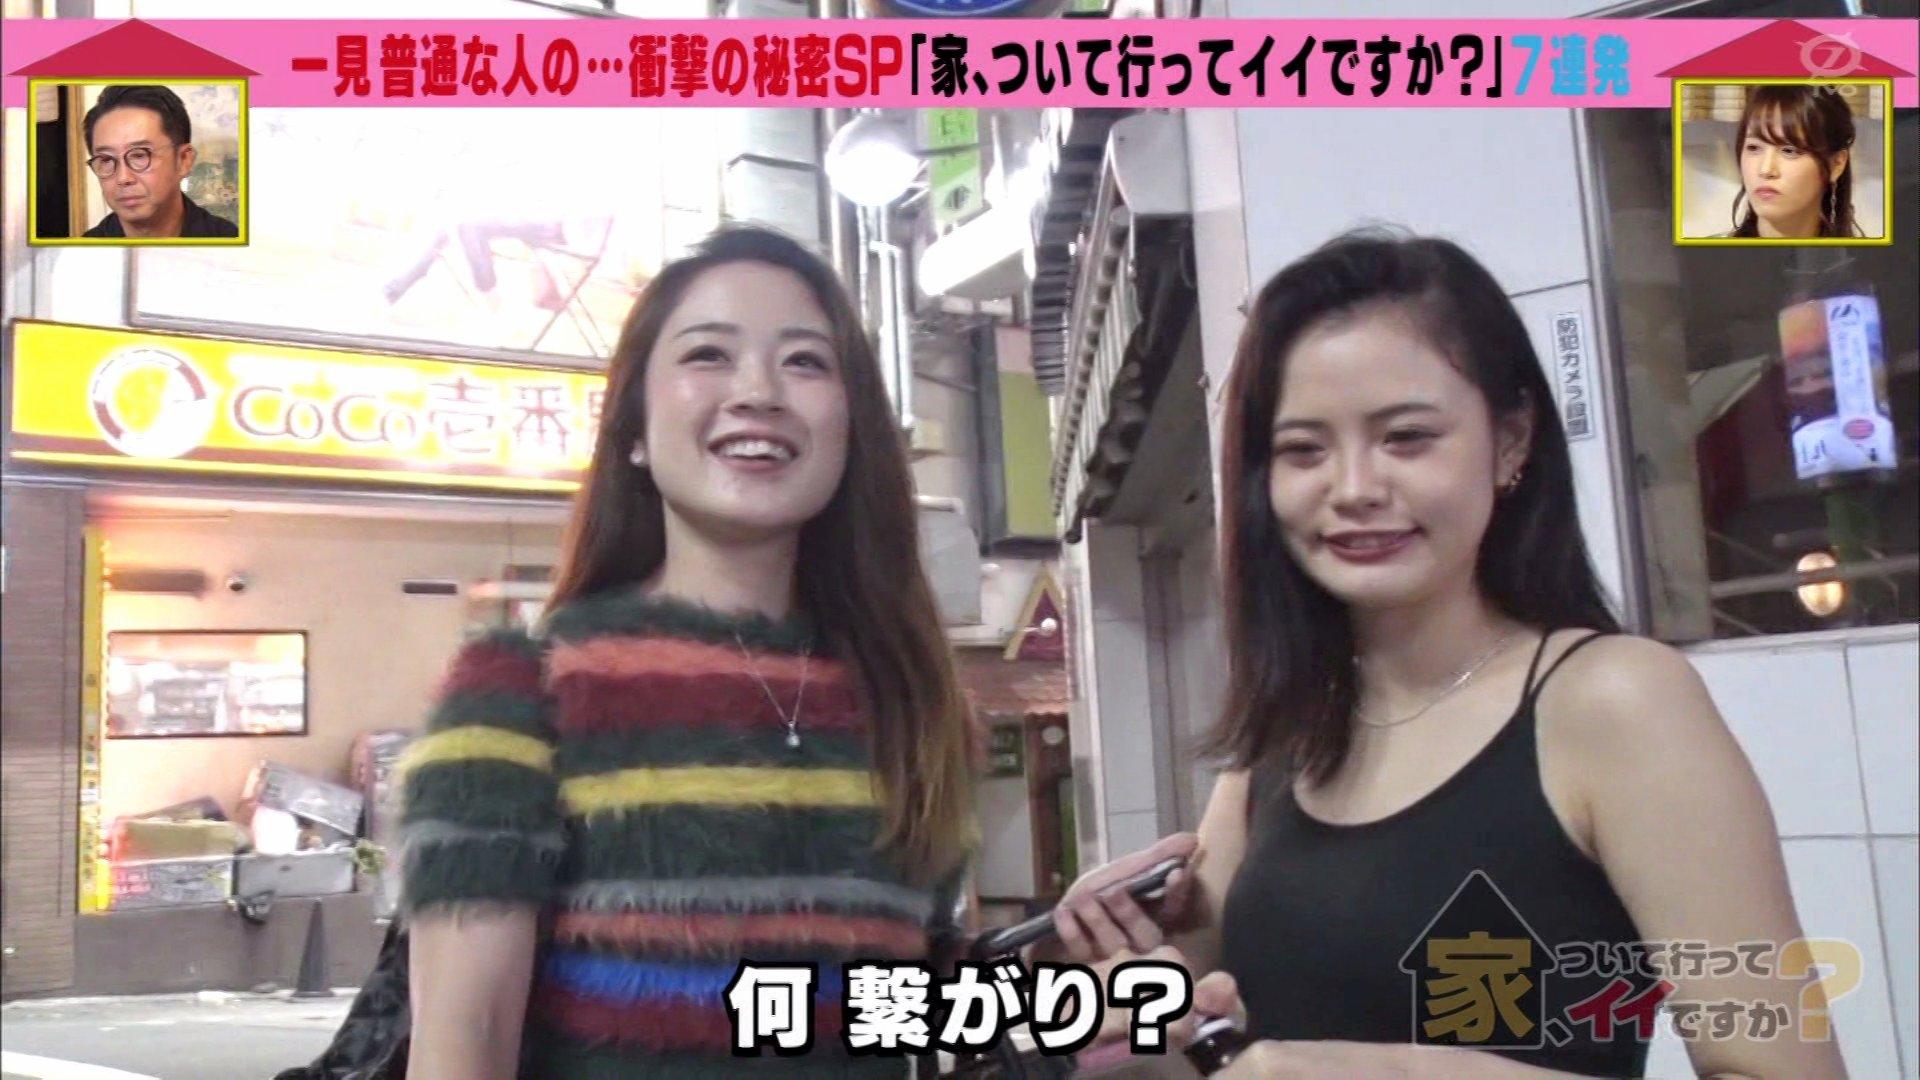 2019年10月9日の「家、ついて行ってイイですか?一見普通そうな人の「衝撃の秘密」2時間SP」に出演した渡辺菜奈さんのテレビキャプチャー画像-004